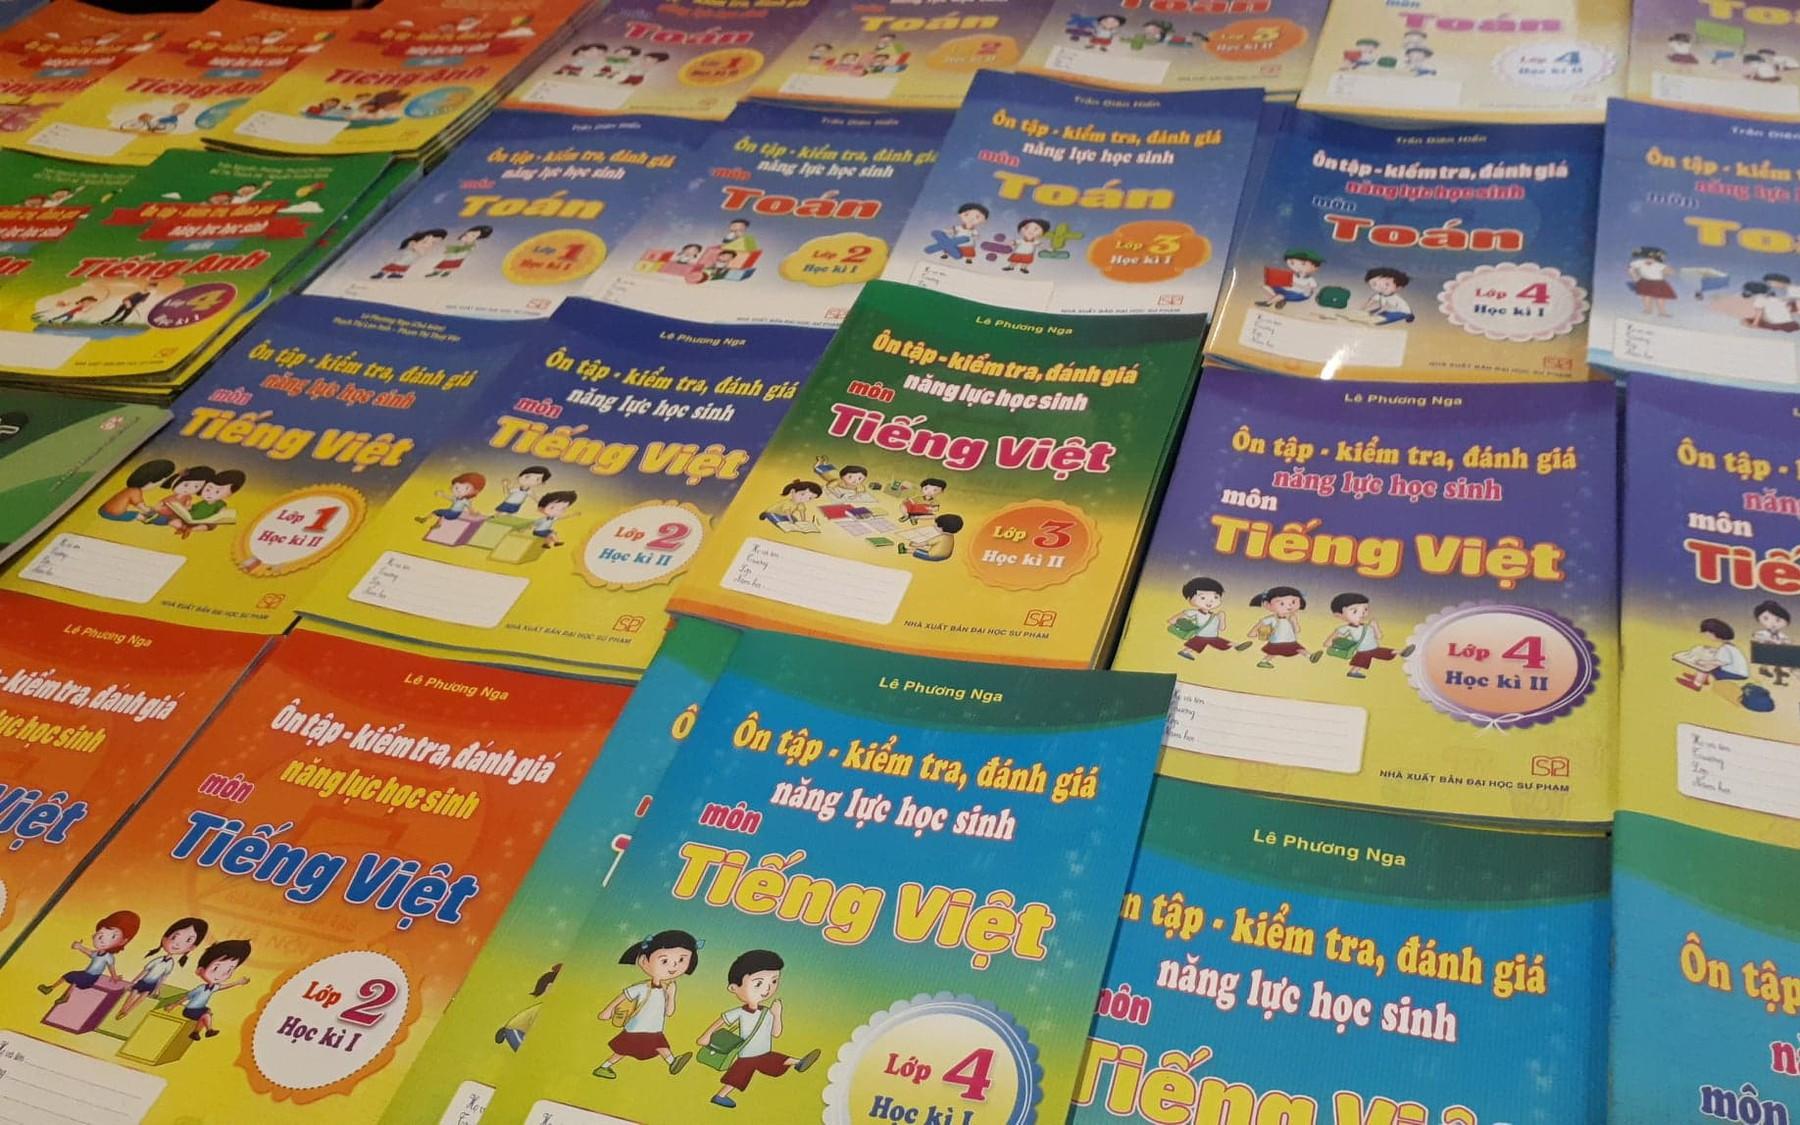 GS Nguyễn Minh Thuyết: Đã có 4 - 5 nhà xuất bản chuẩn bị sách giáo khoa cho chương trình GDPT mới